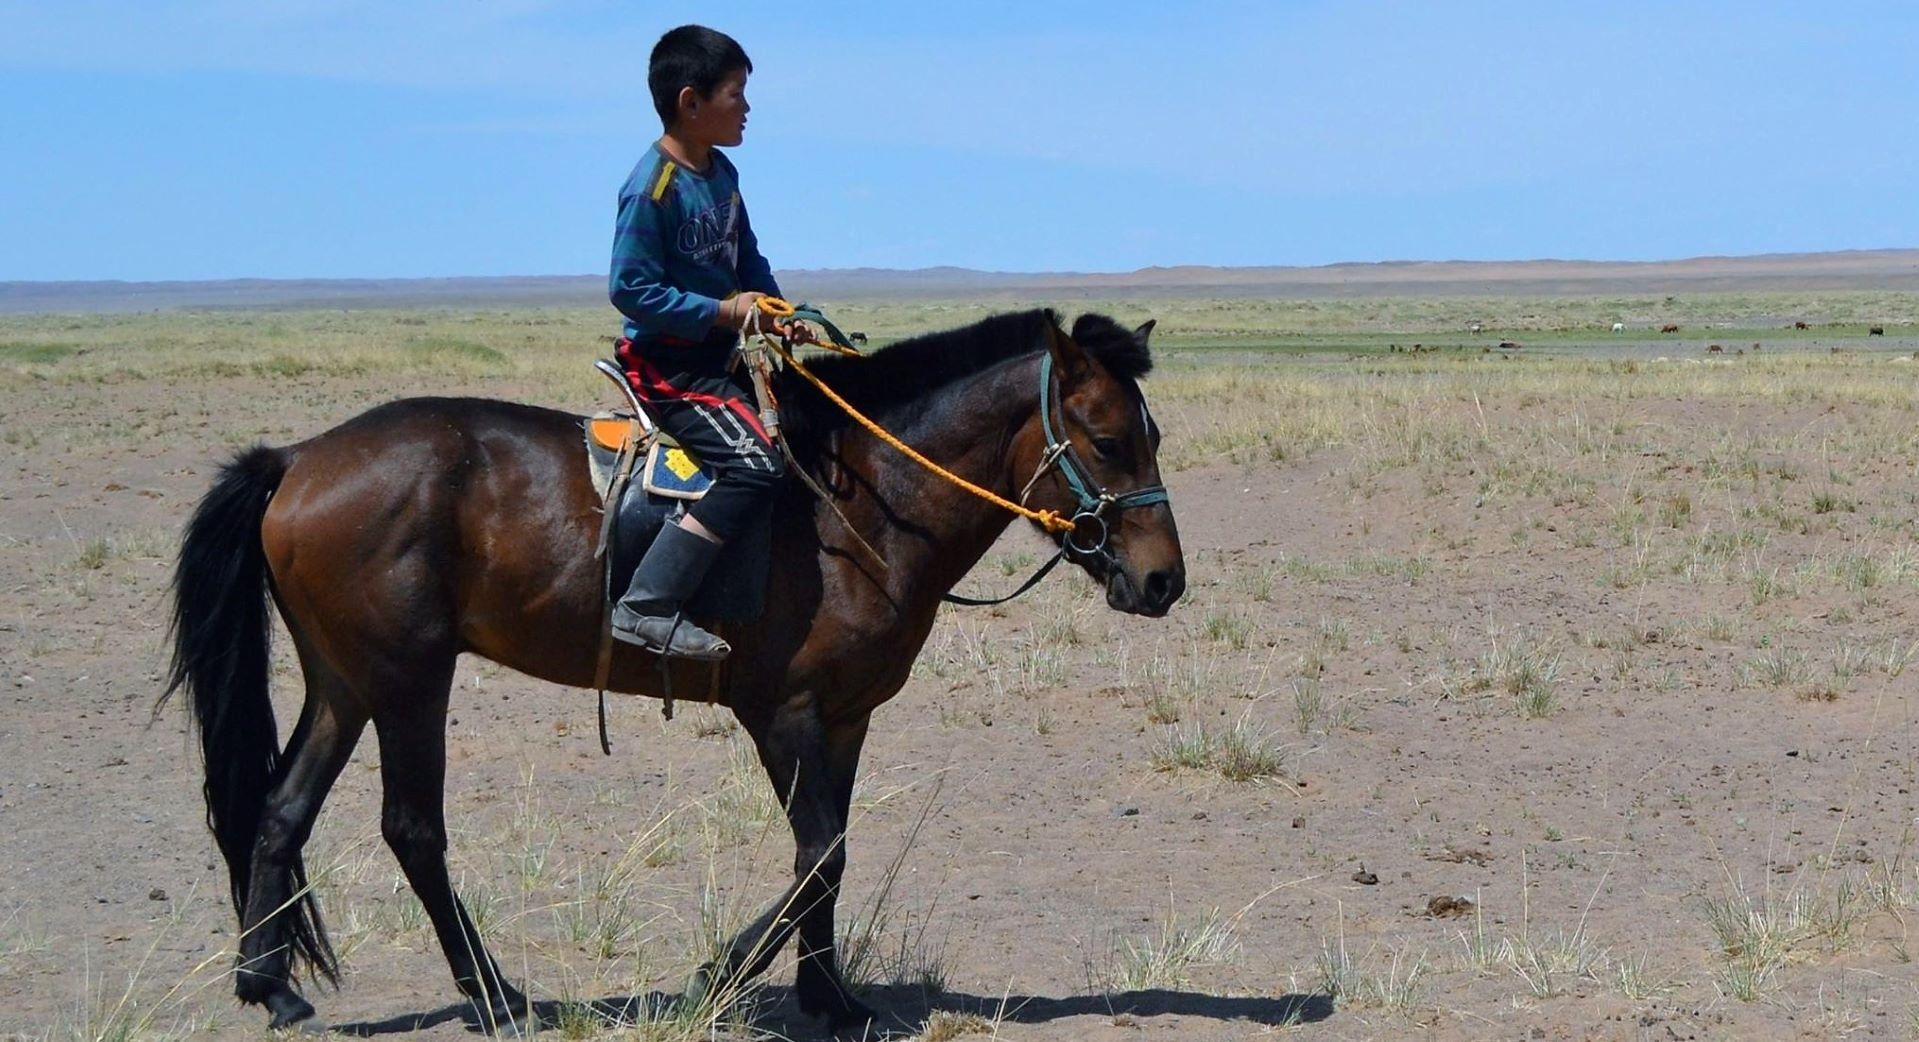 Mit dem Pferd zur Schule? - Kinder in der Mongolei (ab 6 Jahren)